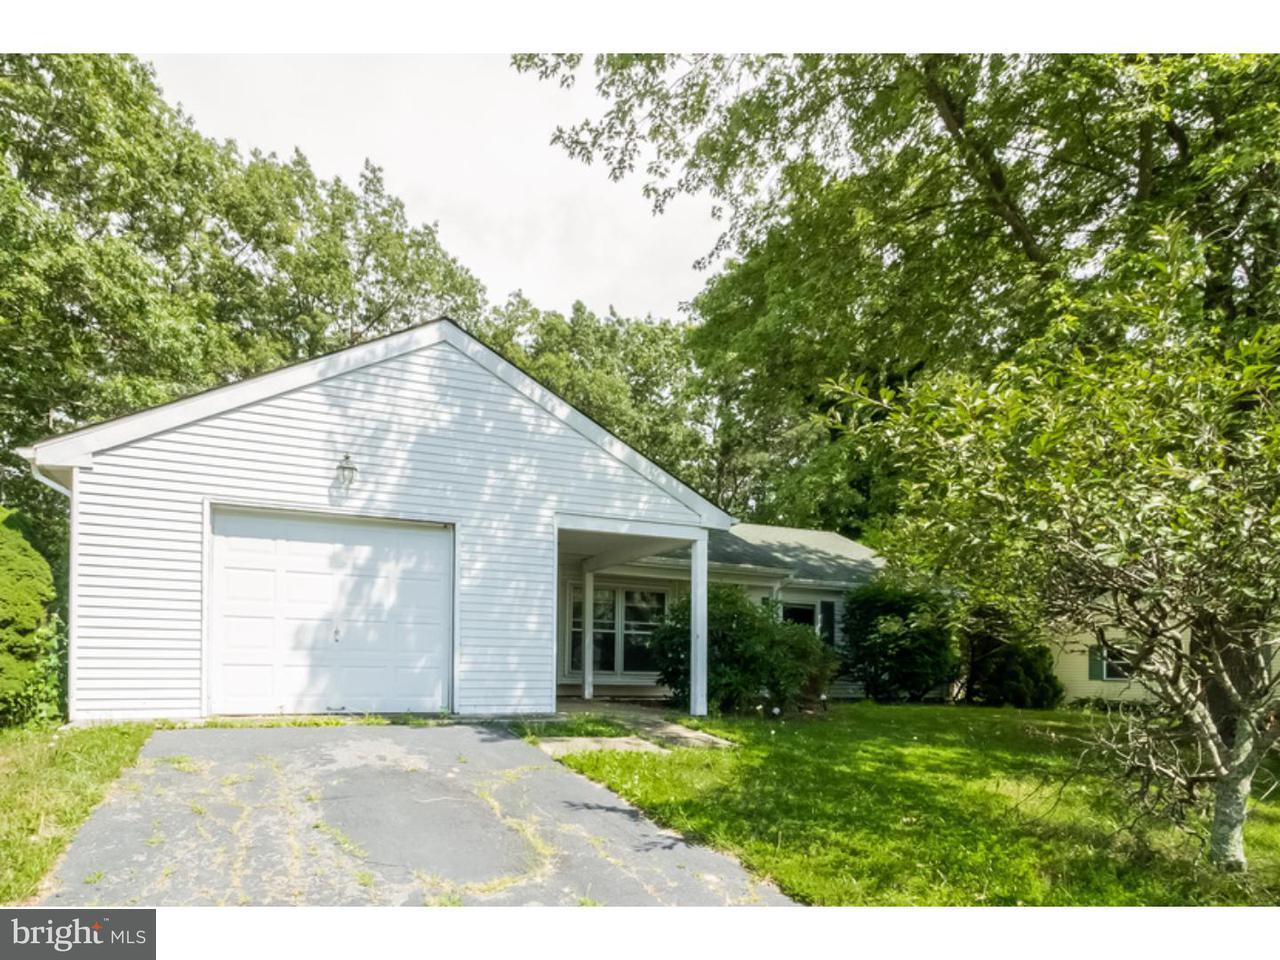 Maison unifamiliale pour l Vente à 46 CHESTNUT WAY Circle Barnegat, New Jersey 08005 États-Unis